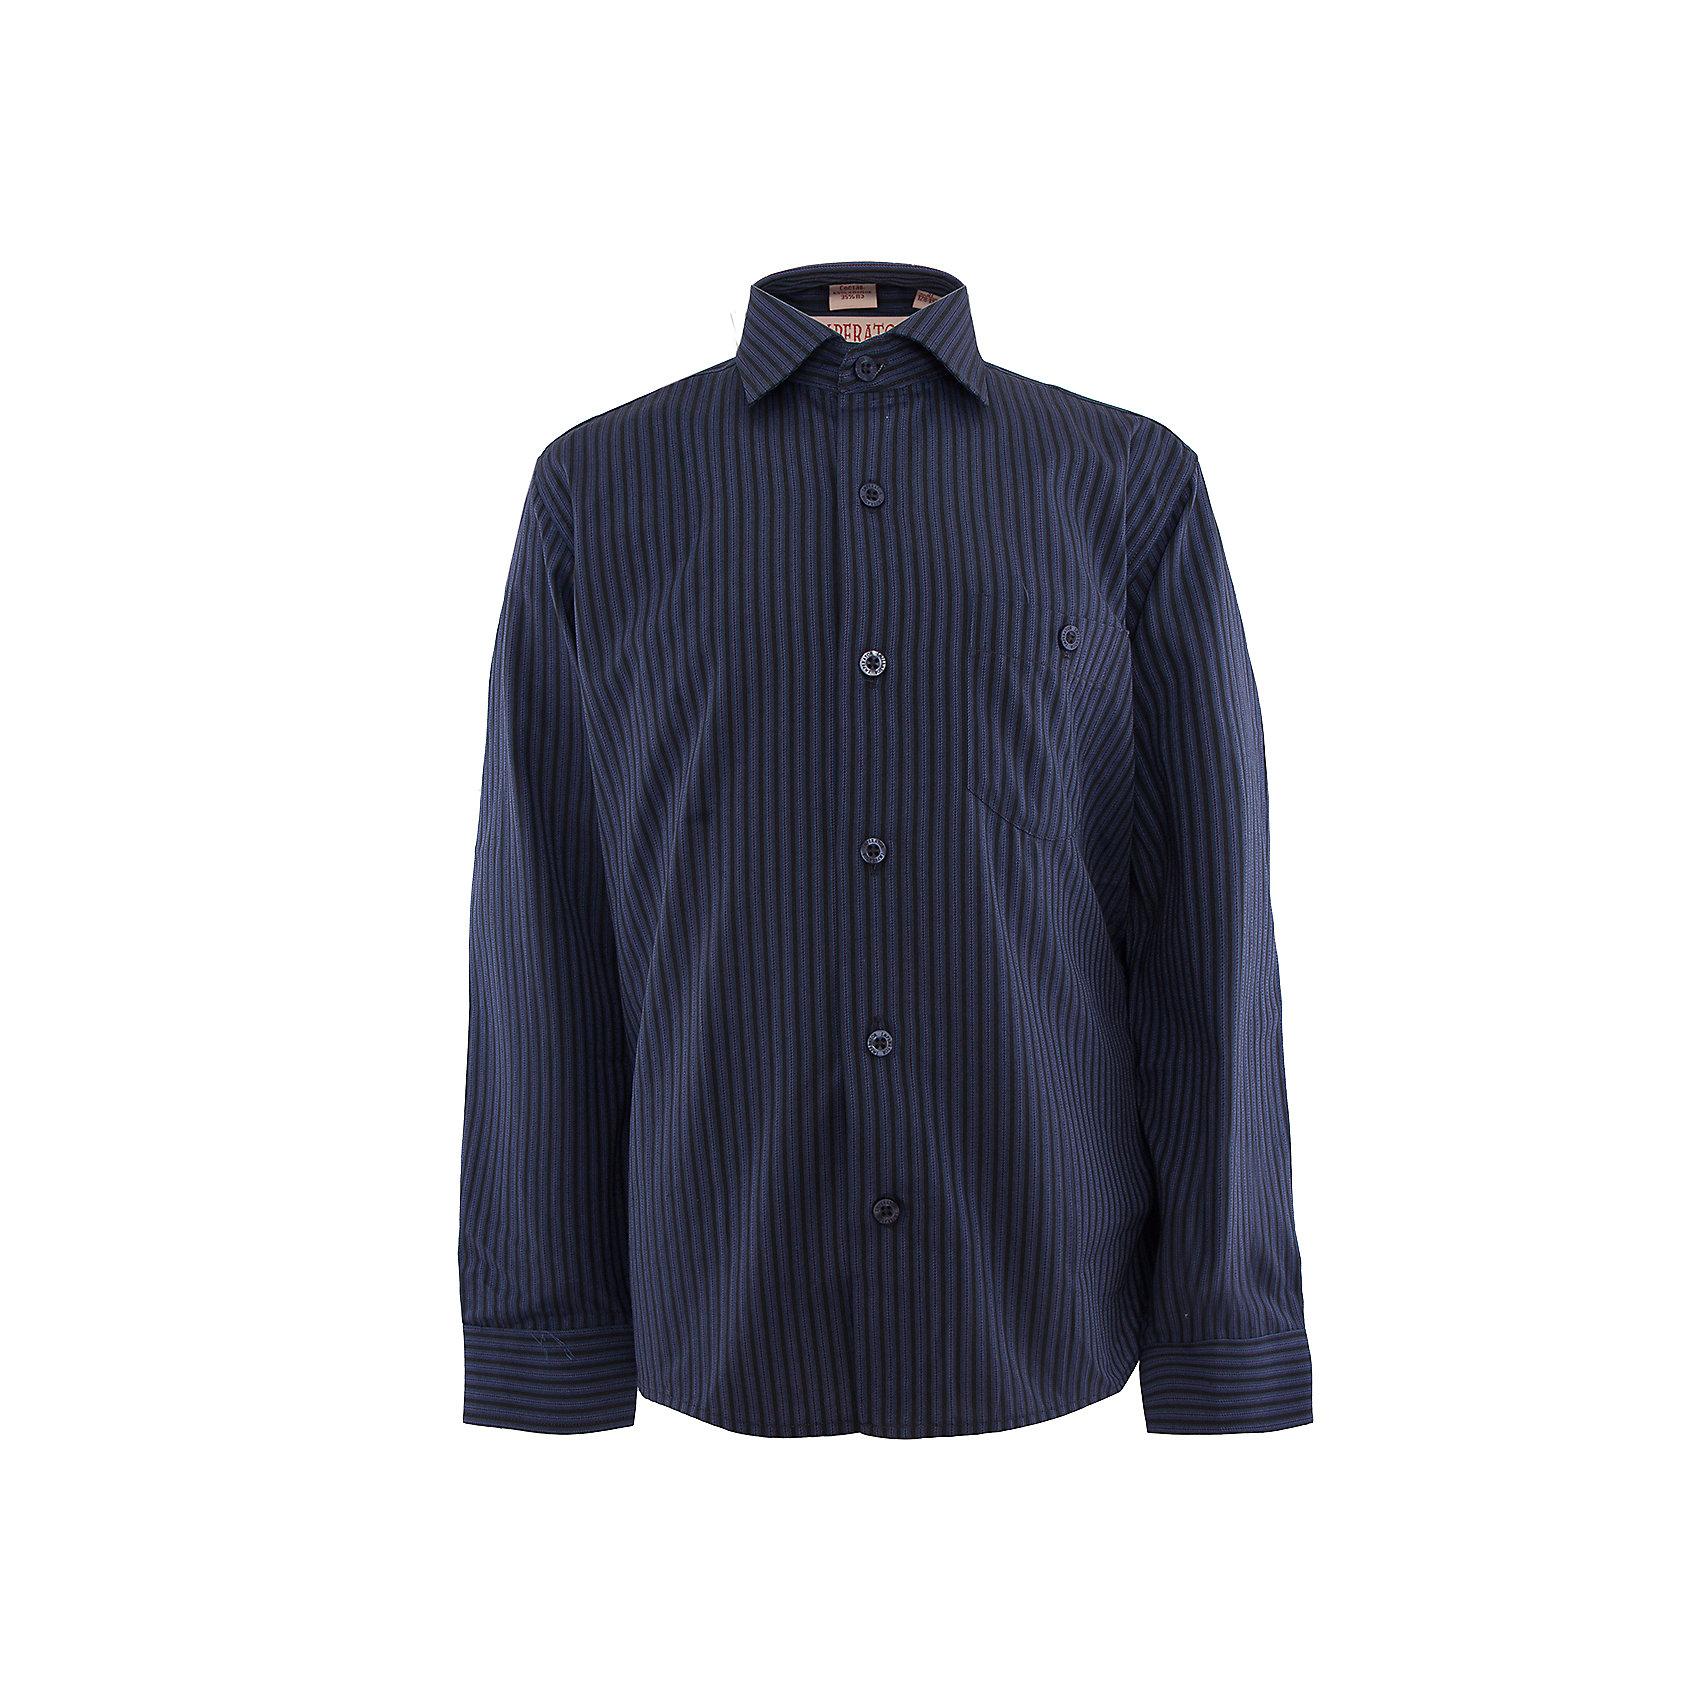 Рубашка для мальчика ImperatorБлузки и рубашки<br>Классическая рубашка - неотьемлемая вещь в гардеробе. Модель на пуговицах, с отложным воротником. Свободный покрой не стеснит движений и позволит чувствовать себя комфортно каждый день.  Состав 65 % хл. 35% П/Э<br><br>Ширина мм: 174<br>Глубина мм: 10<br>Высота мм: 169<br>Вес г: 157<br>Цвет: синий<br>Возраст от месяцев: 84<br>Возраст до месяцев: 96<br>Пол: Мужской<br>Возраст: Детский<br>Размер: 122/128,146/152,152/158,158/164,164/170,128/134,134/140,140/146<br>SKU: 4749458